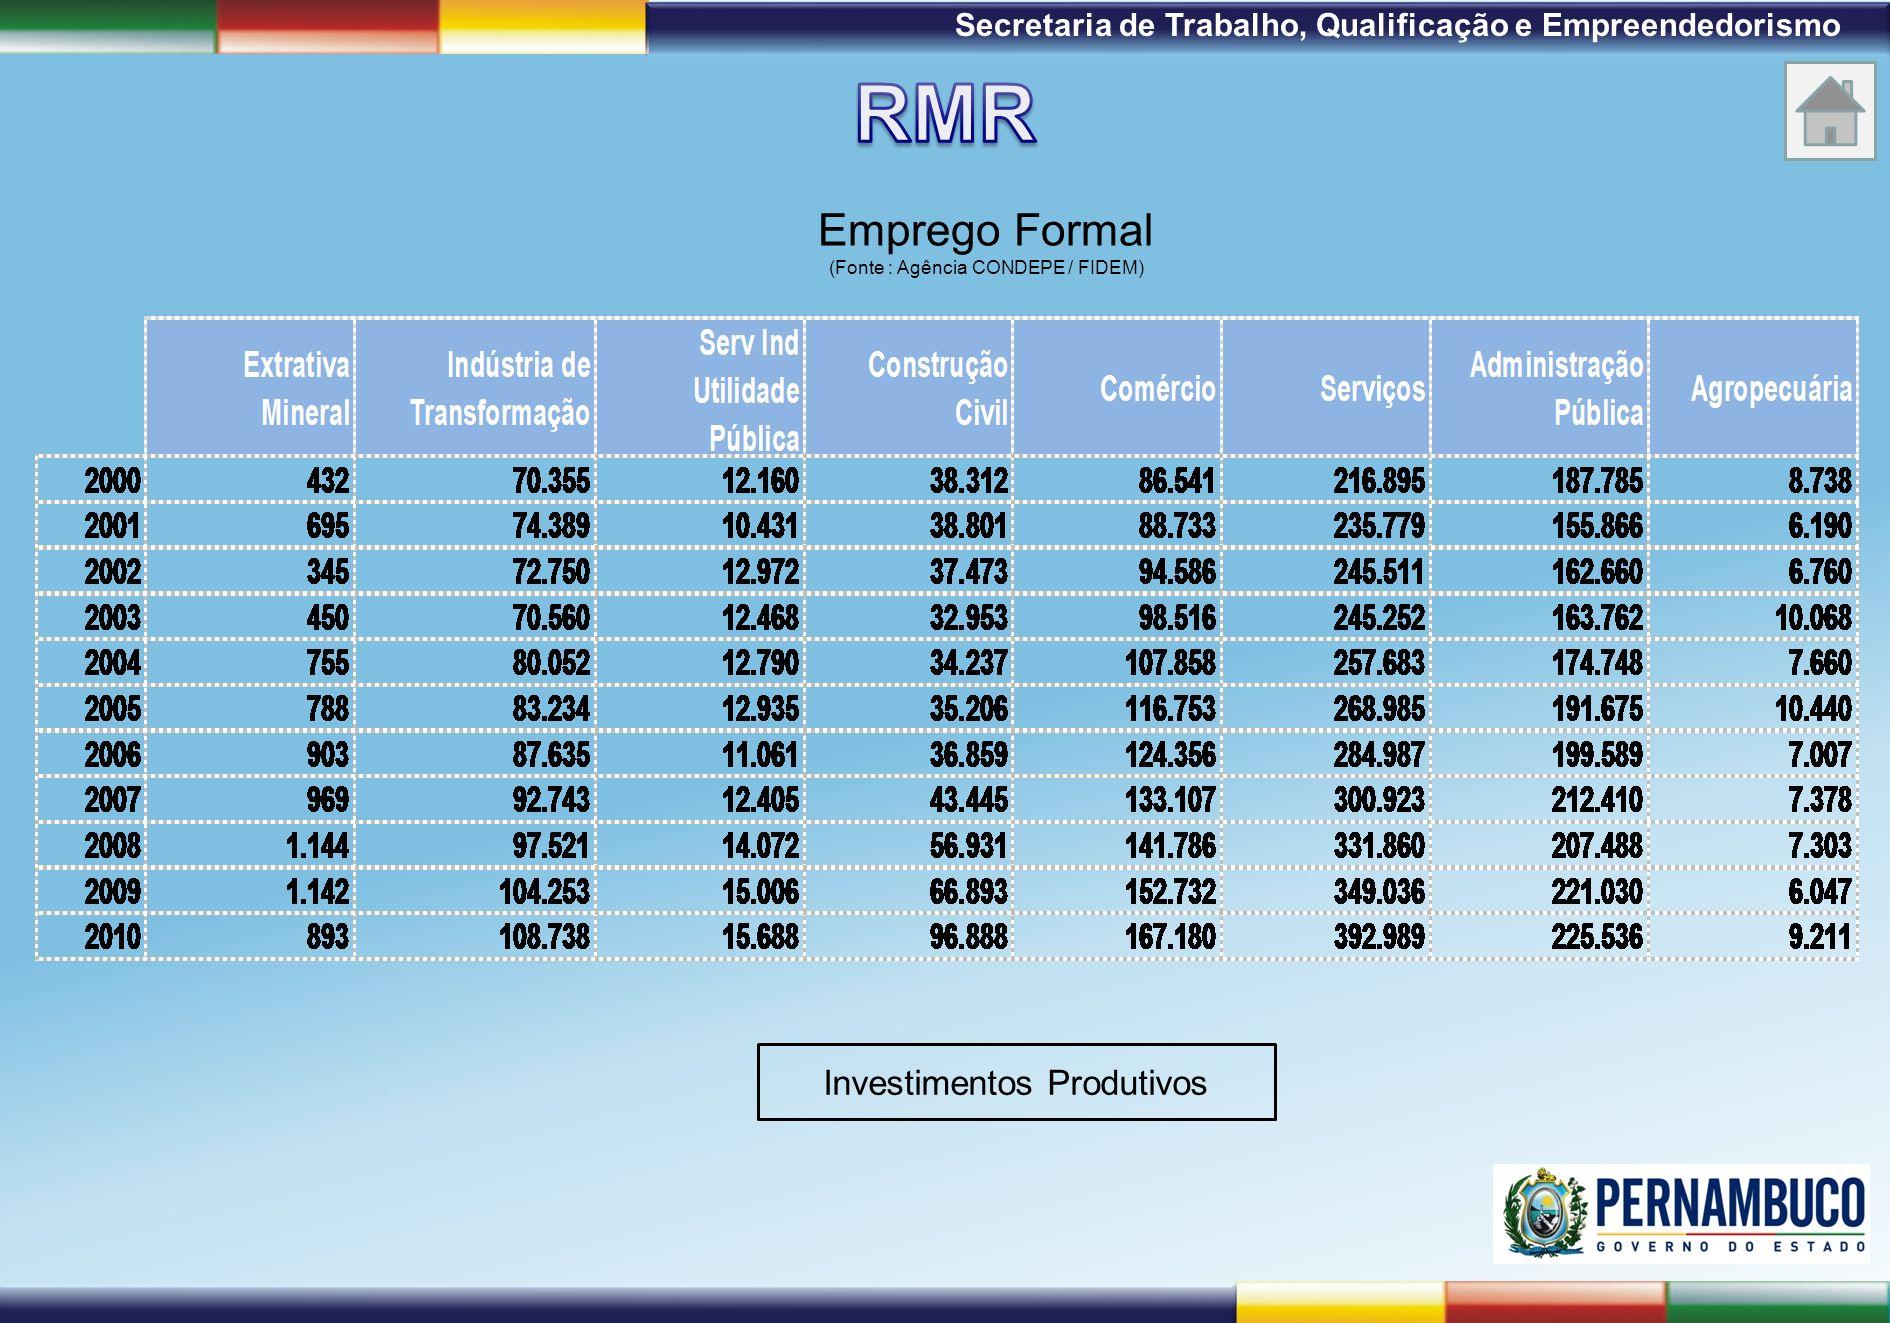 RMR Emprego Formal Investimentos Produtivos